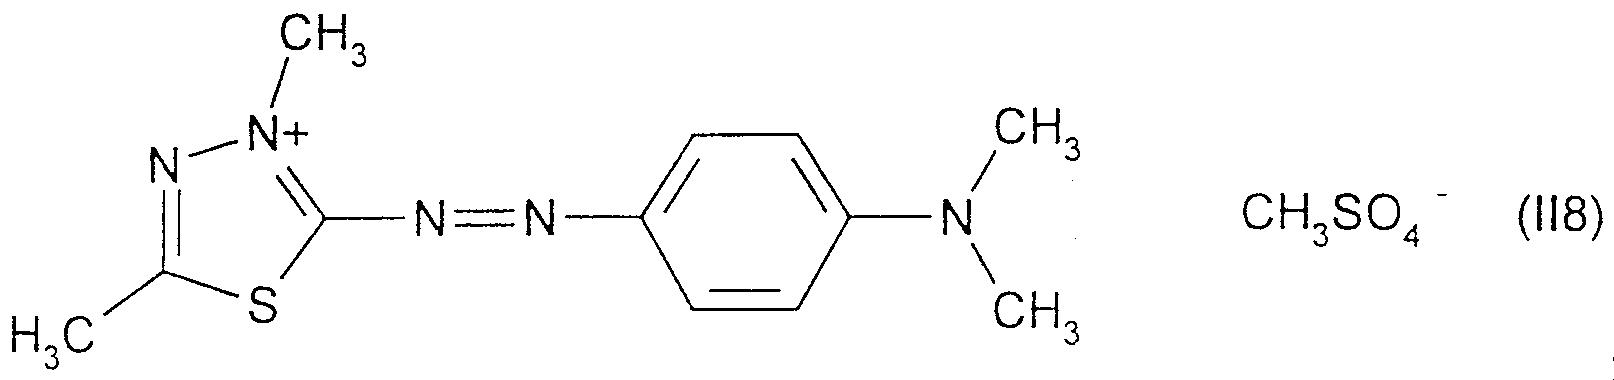 Figure imgf000022_0005